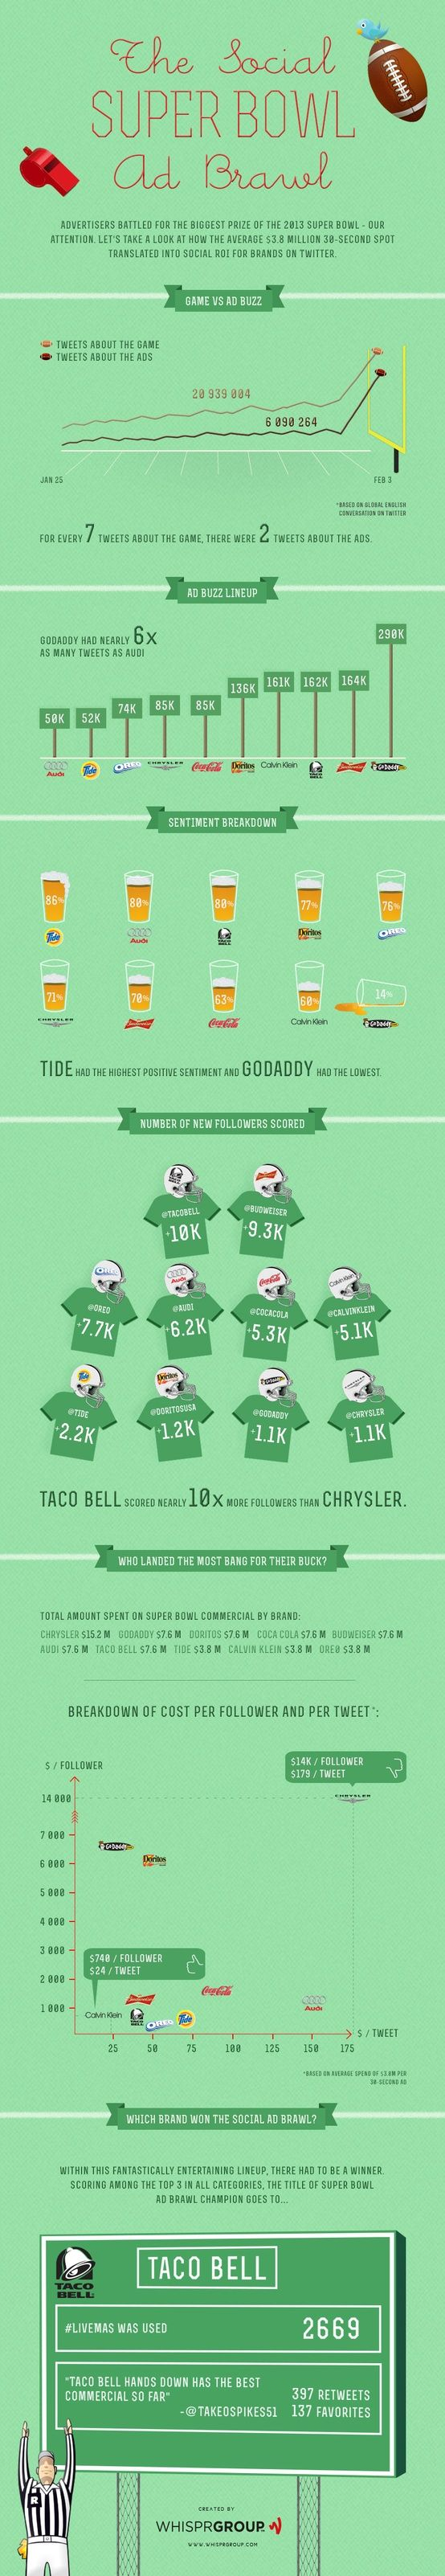 Infográfico revela disputa de marcas durante o Super Bowl